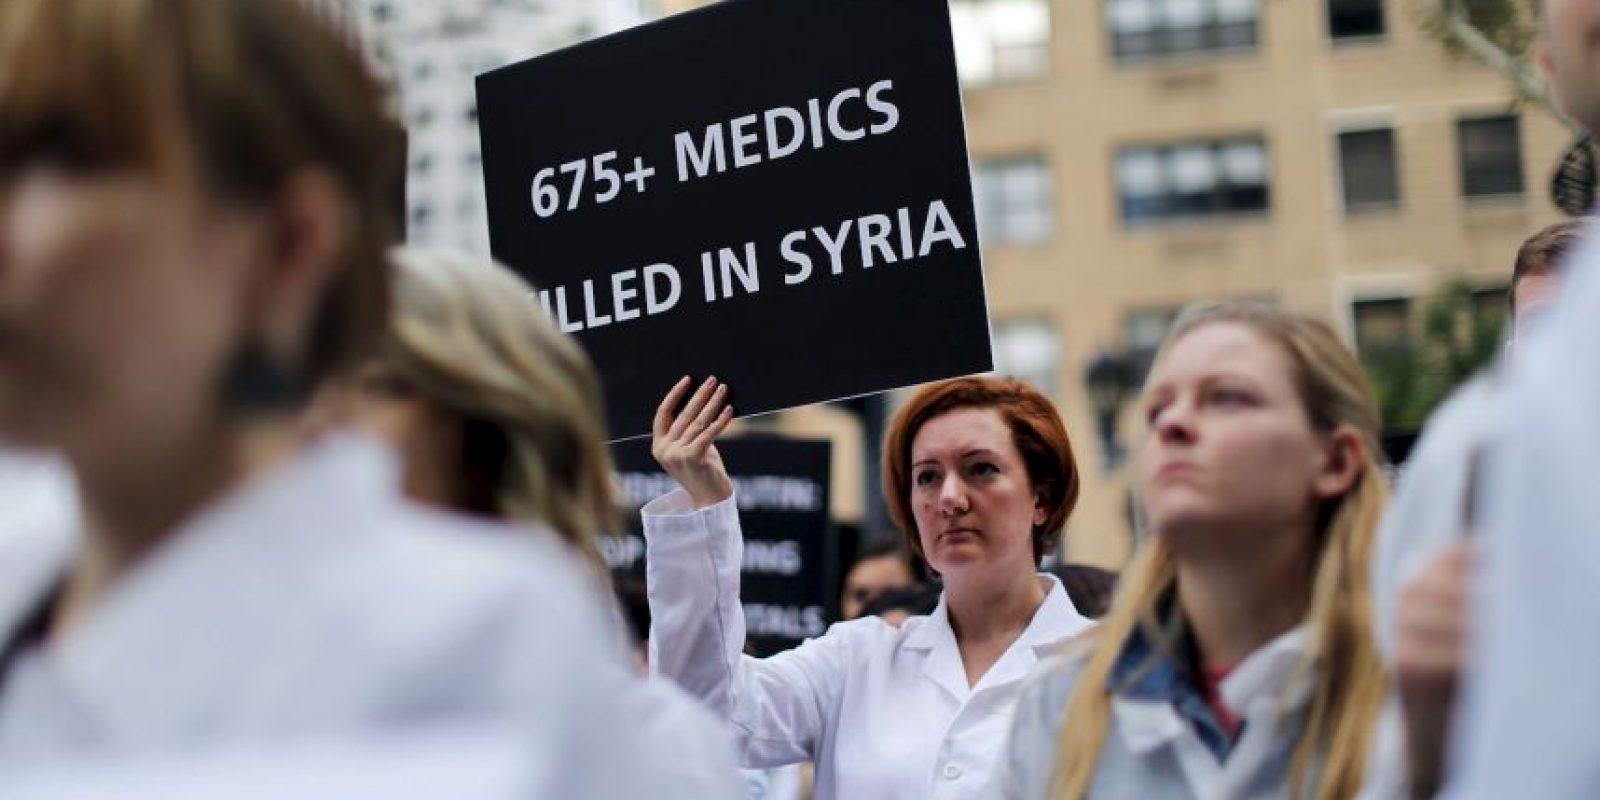 Denunciaron que cientos de doctores han sido asesinados en el país, principalmente por bombardeos de Rusia Foto:Getty Images